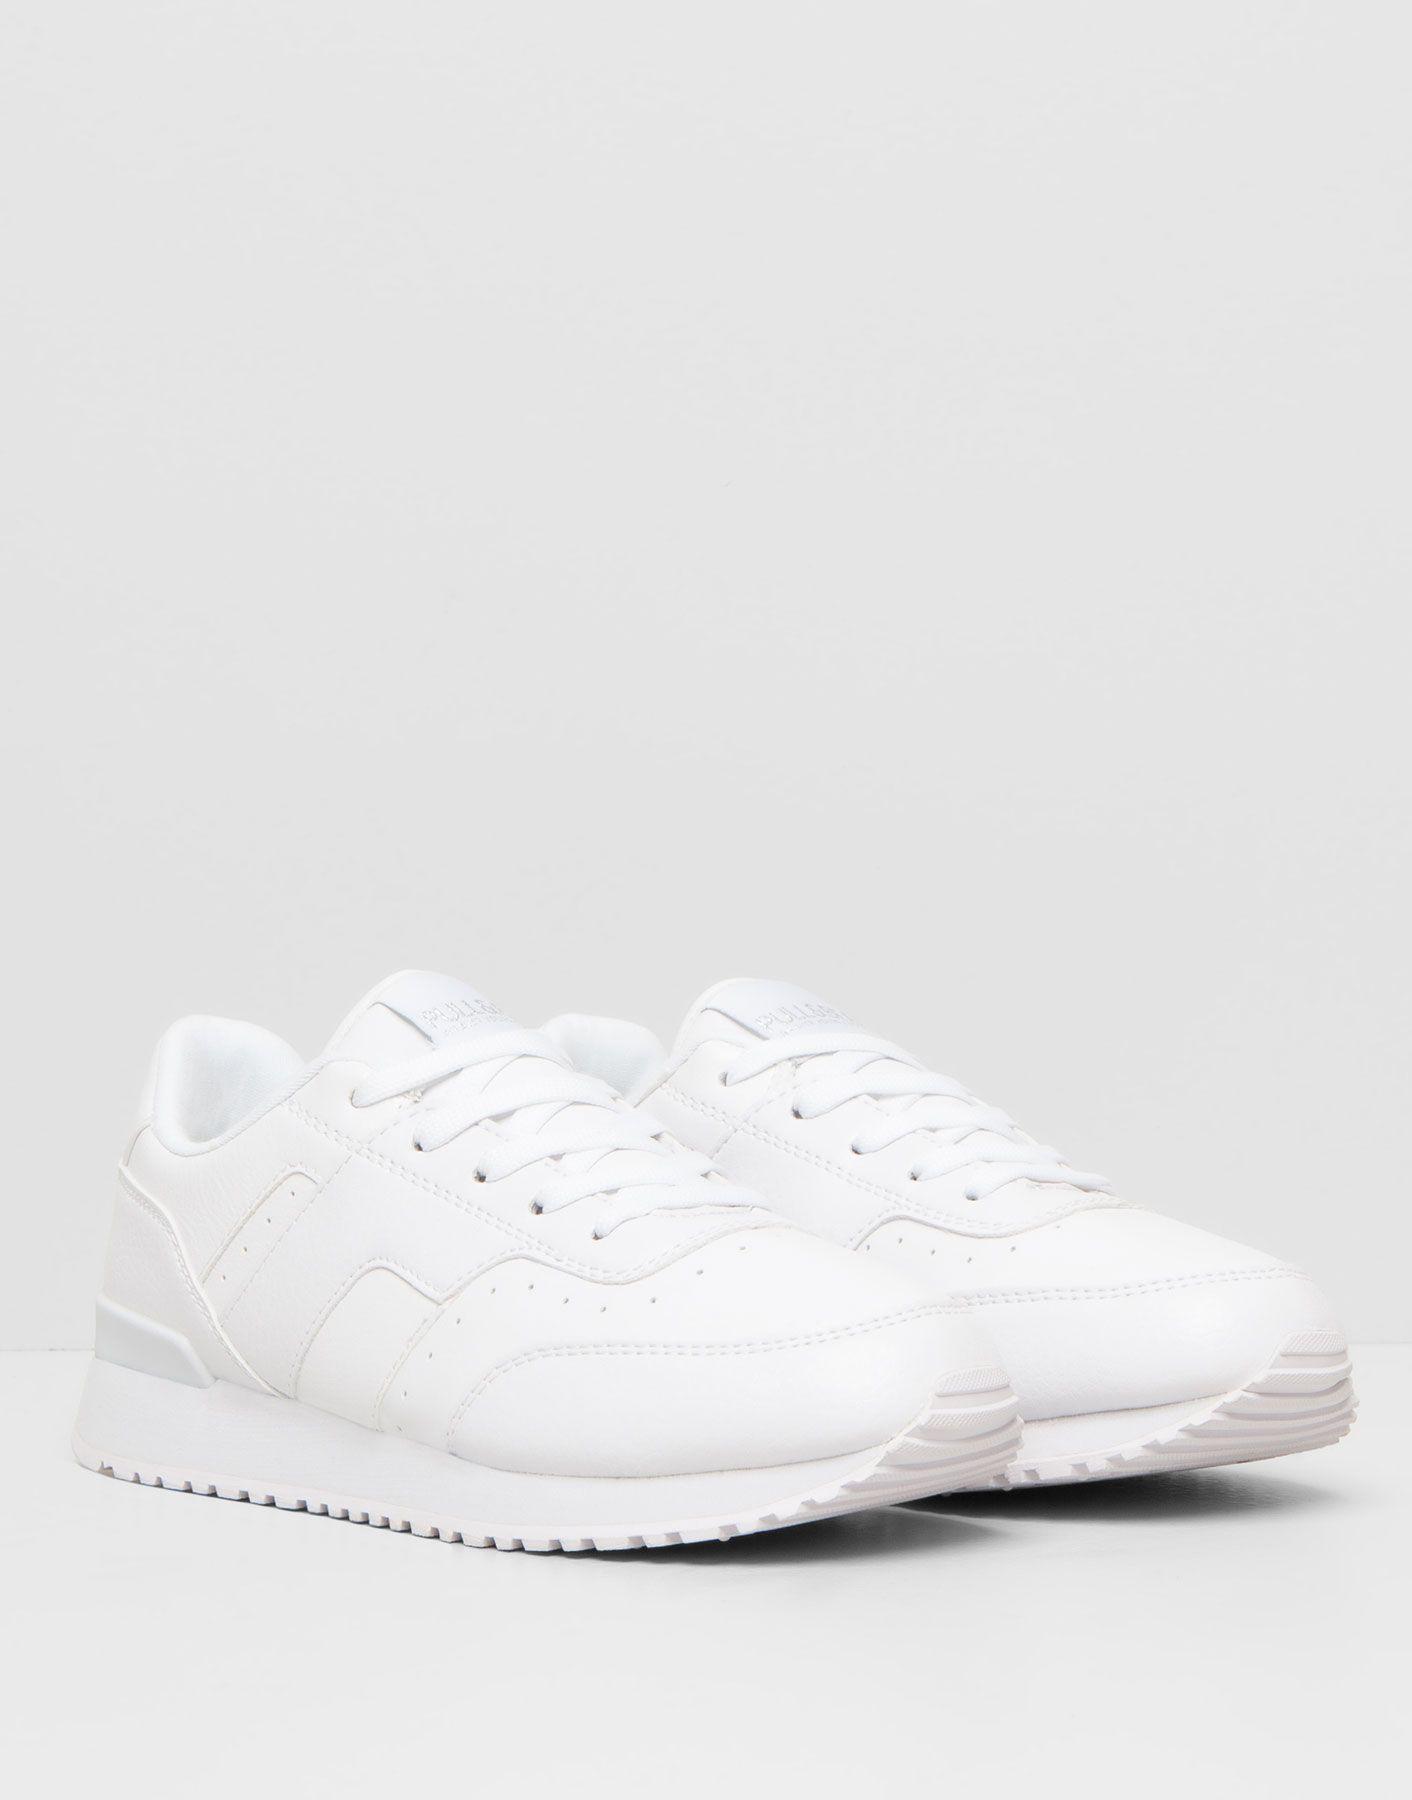 taille 40 9a546 2c9fc chaussure a la mode au portugal,soldes france boutique nike ...